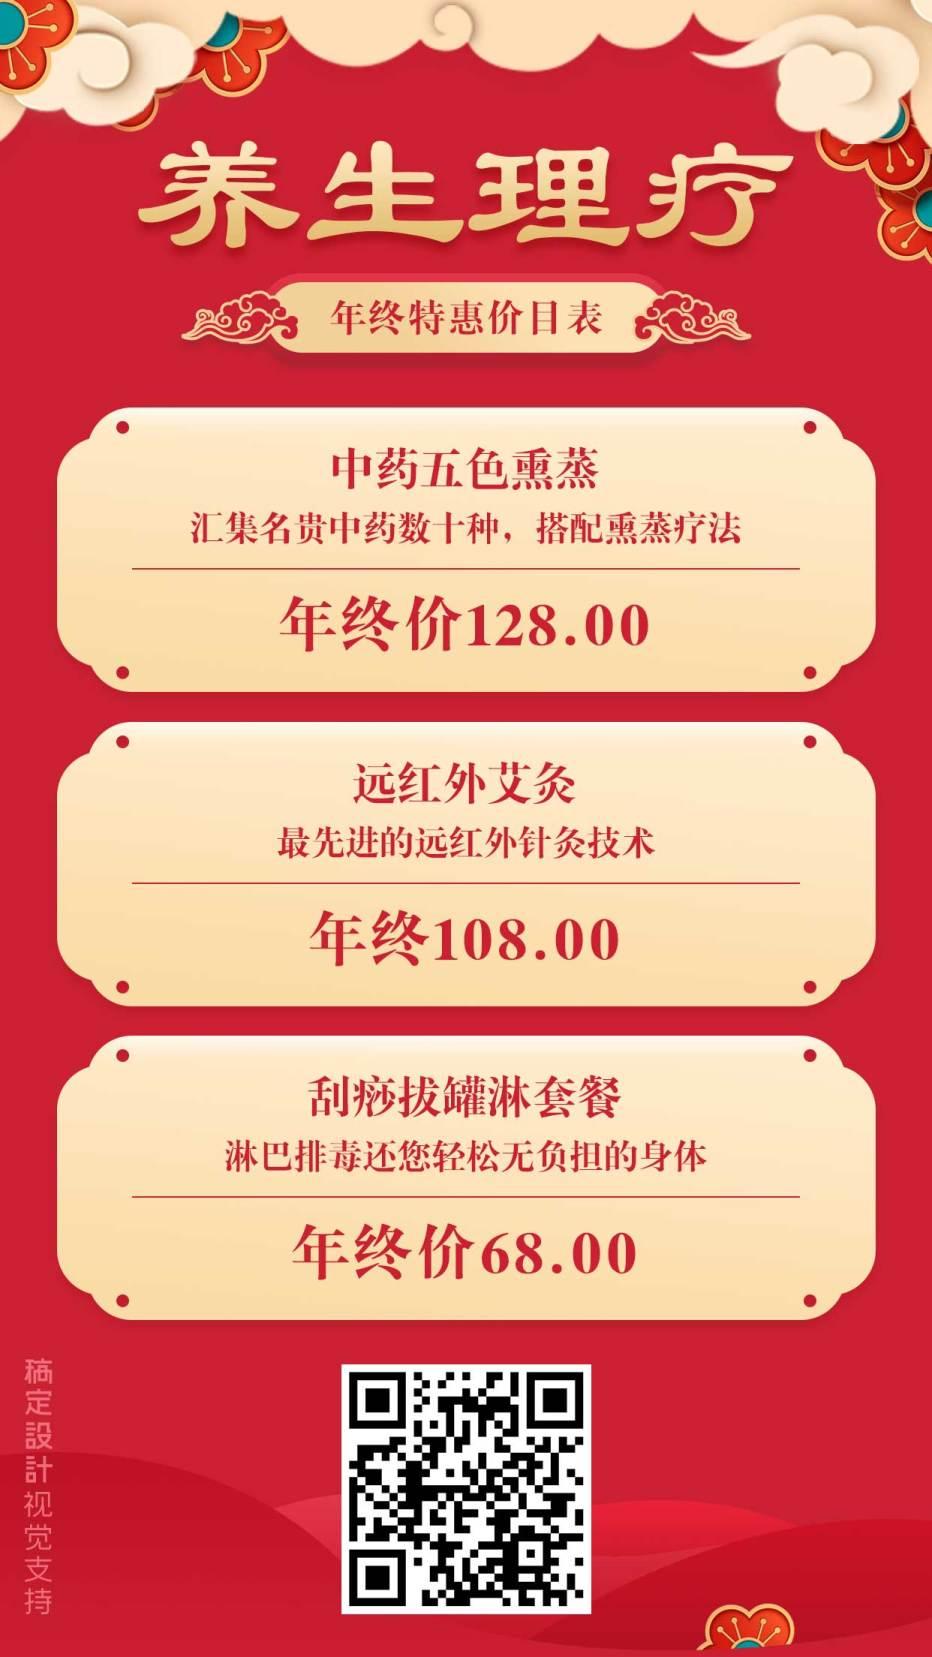 复古中国风养生理疗年终促销